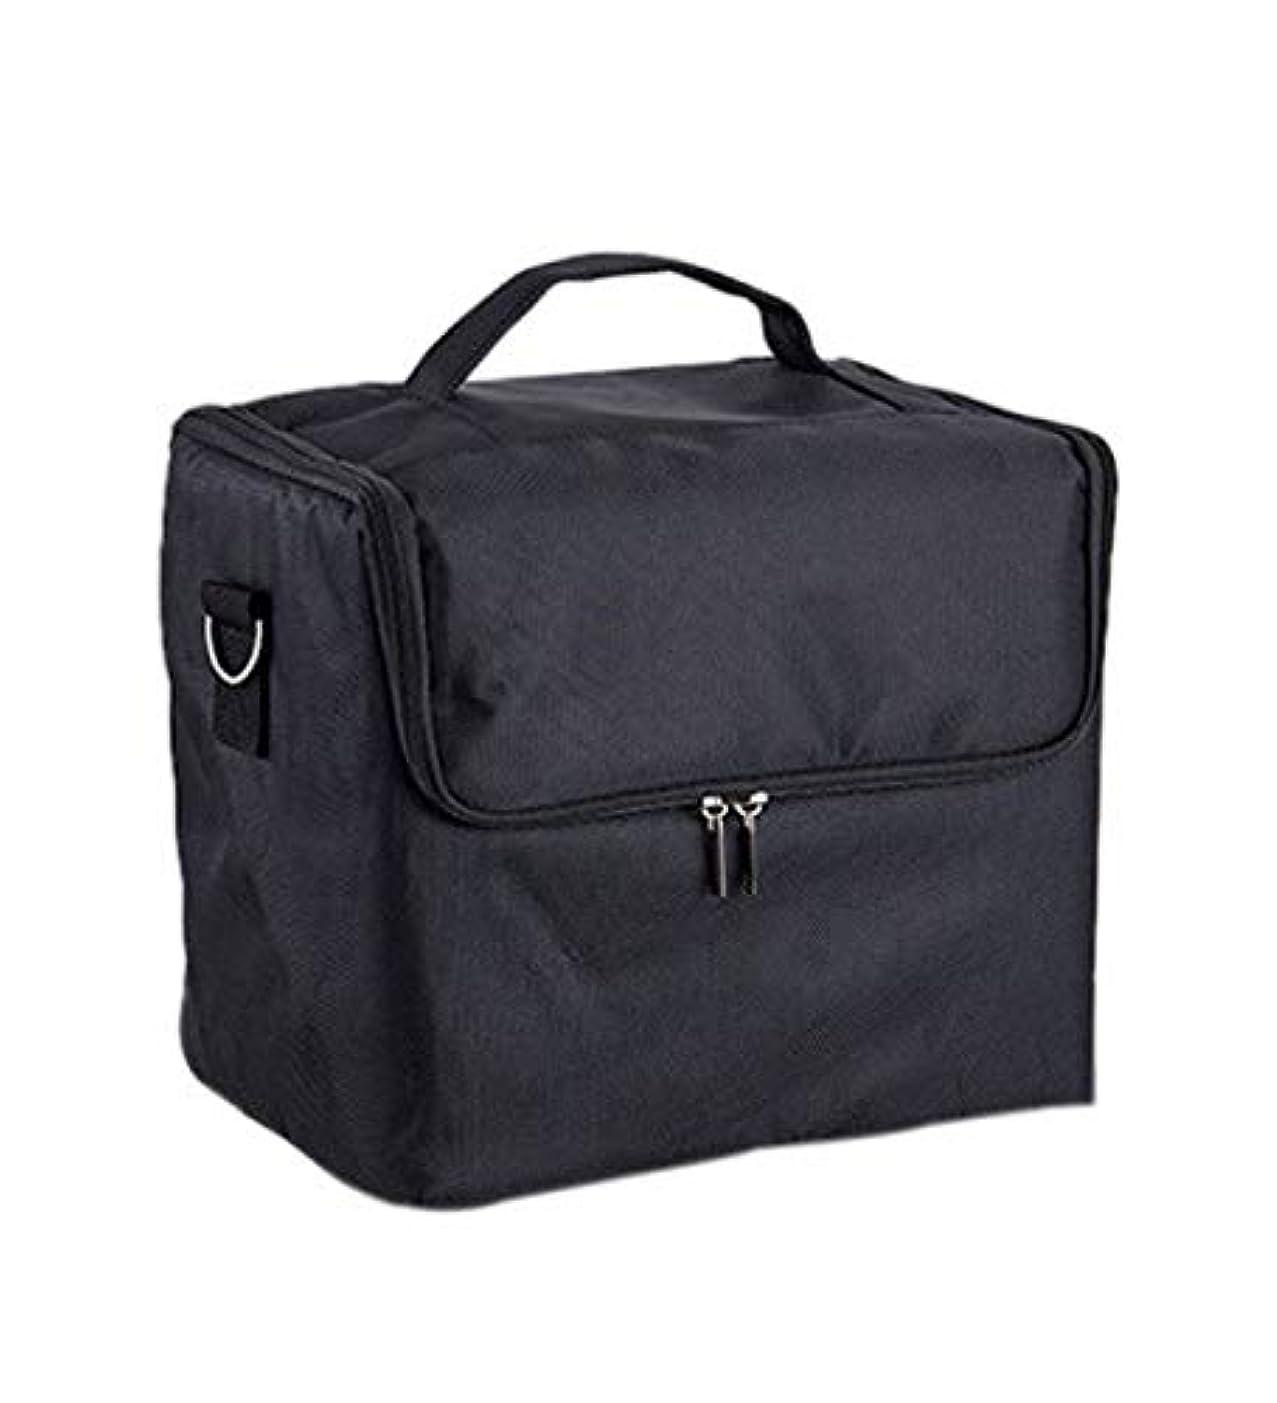 マルクス主義者古くなった検出器化粧箱、大容量多機能化粧品ケース、ポータブル旅行化粧品袋収納袋、美容化粧ネイルジュエリー収納箱 (Color : ブラック)